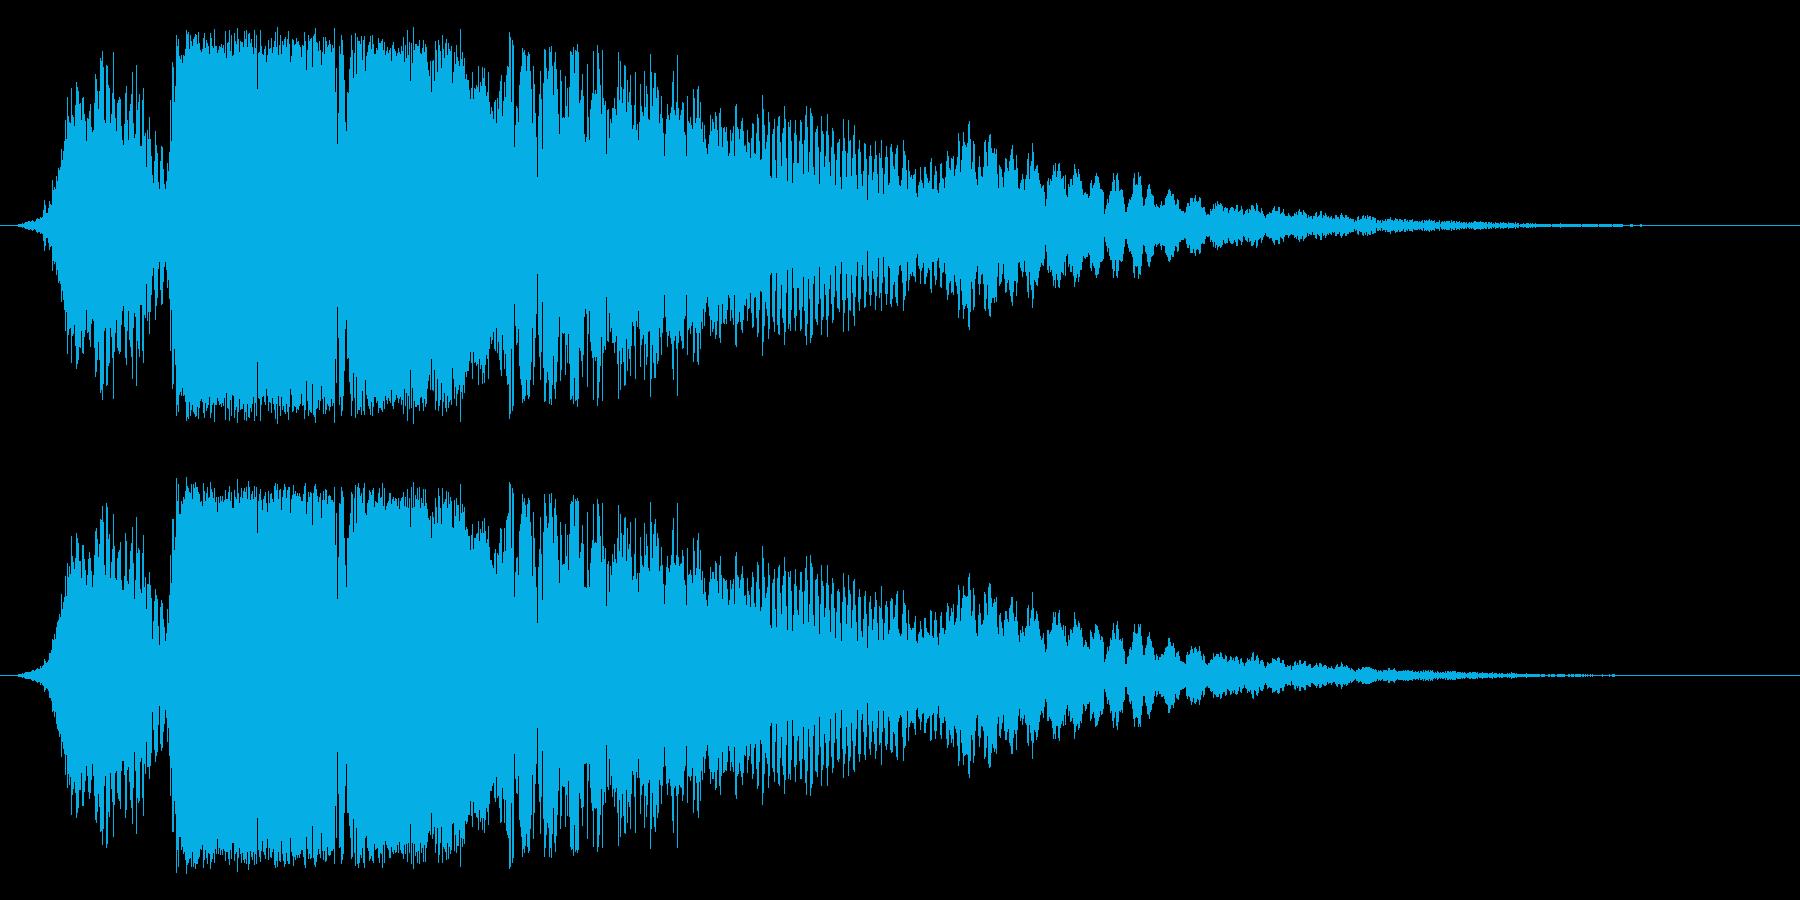 喫茶店等のドアベル、入店音に最適!03の再生済みの波形